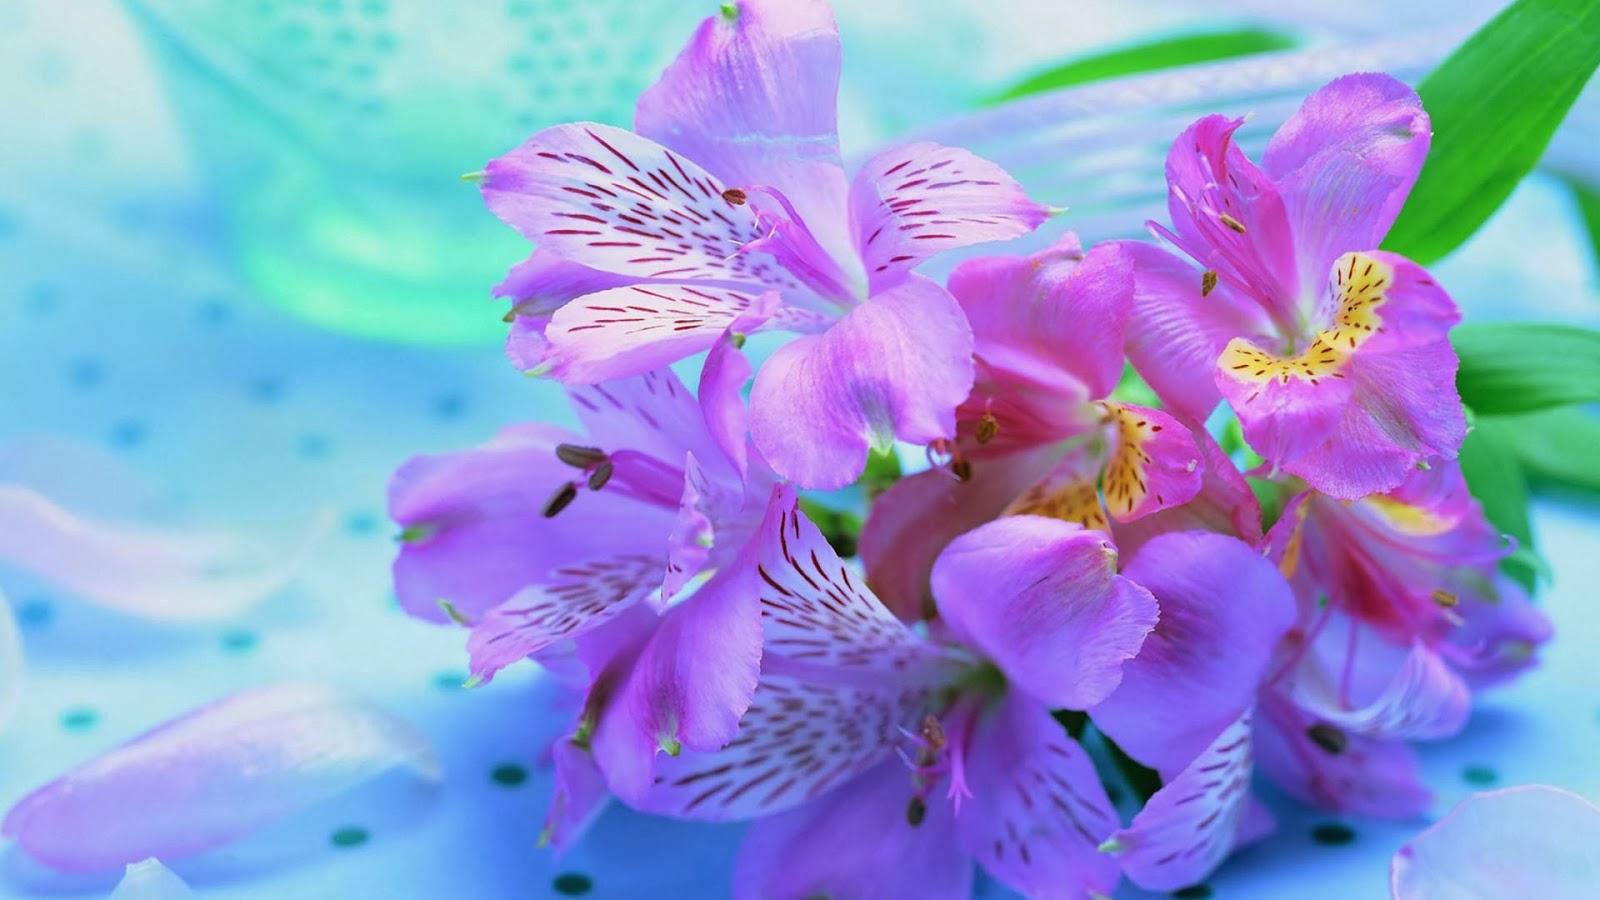 صورة خلفيات ازهار hd اتش دي , صور ازهار ملونه HD